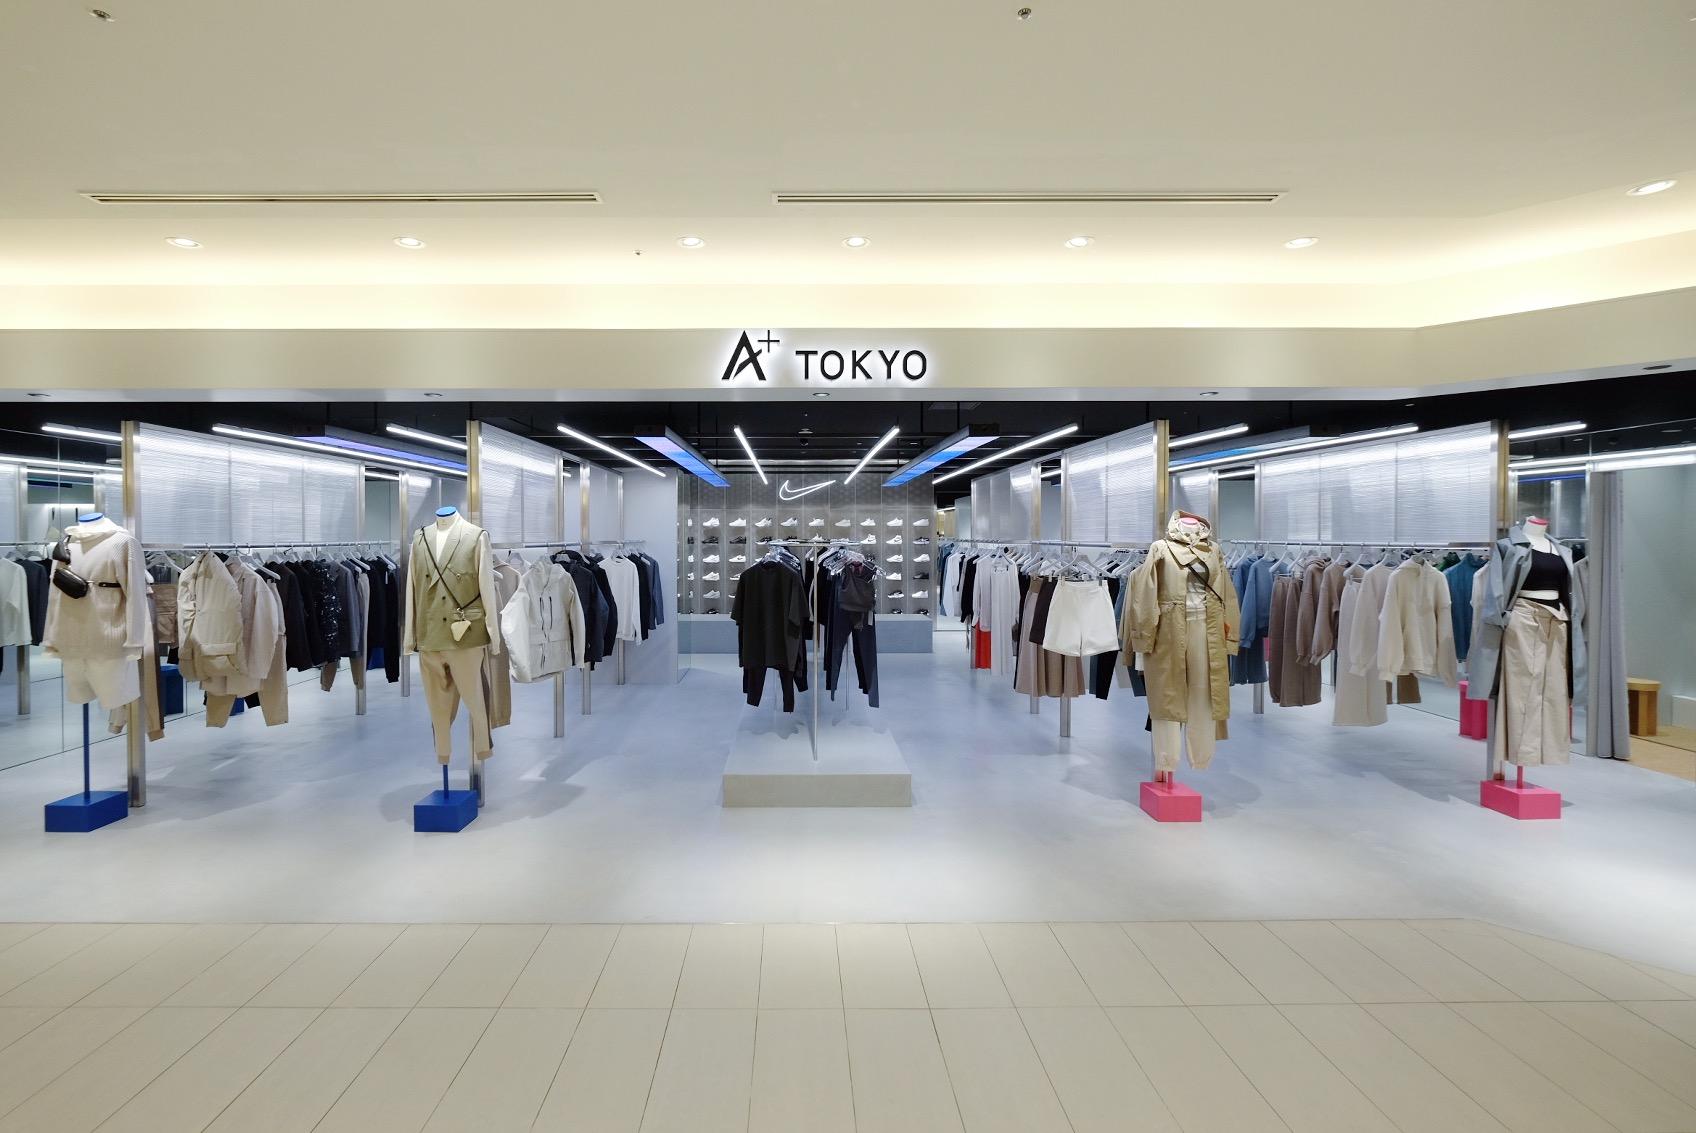 A+ TOKYO事業 START